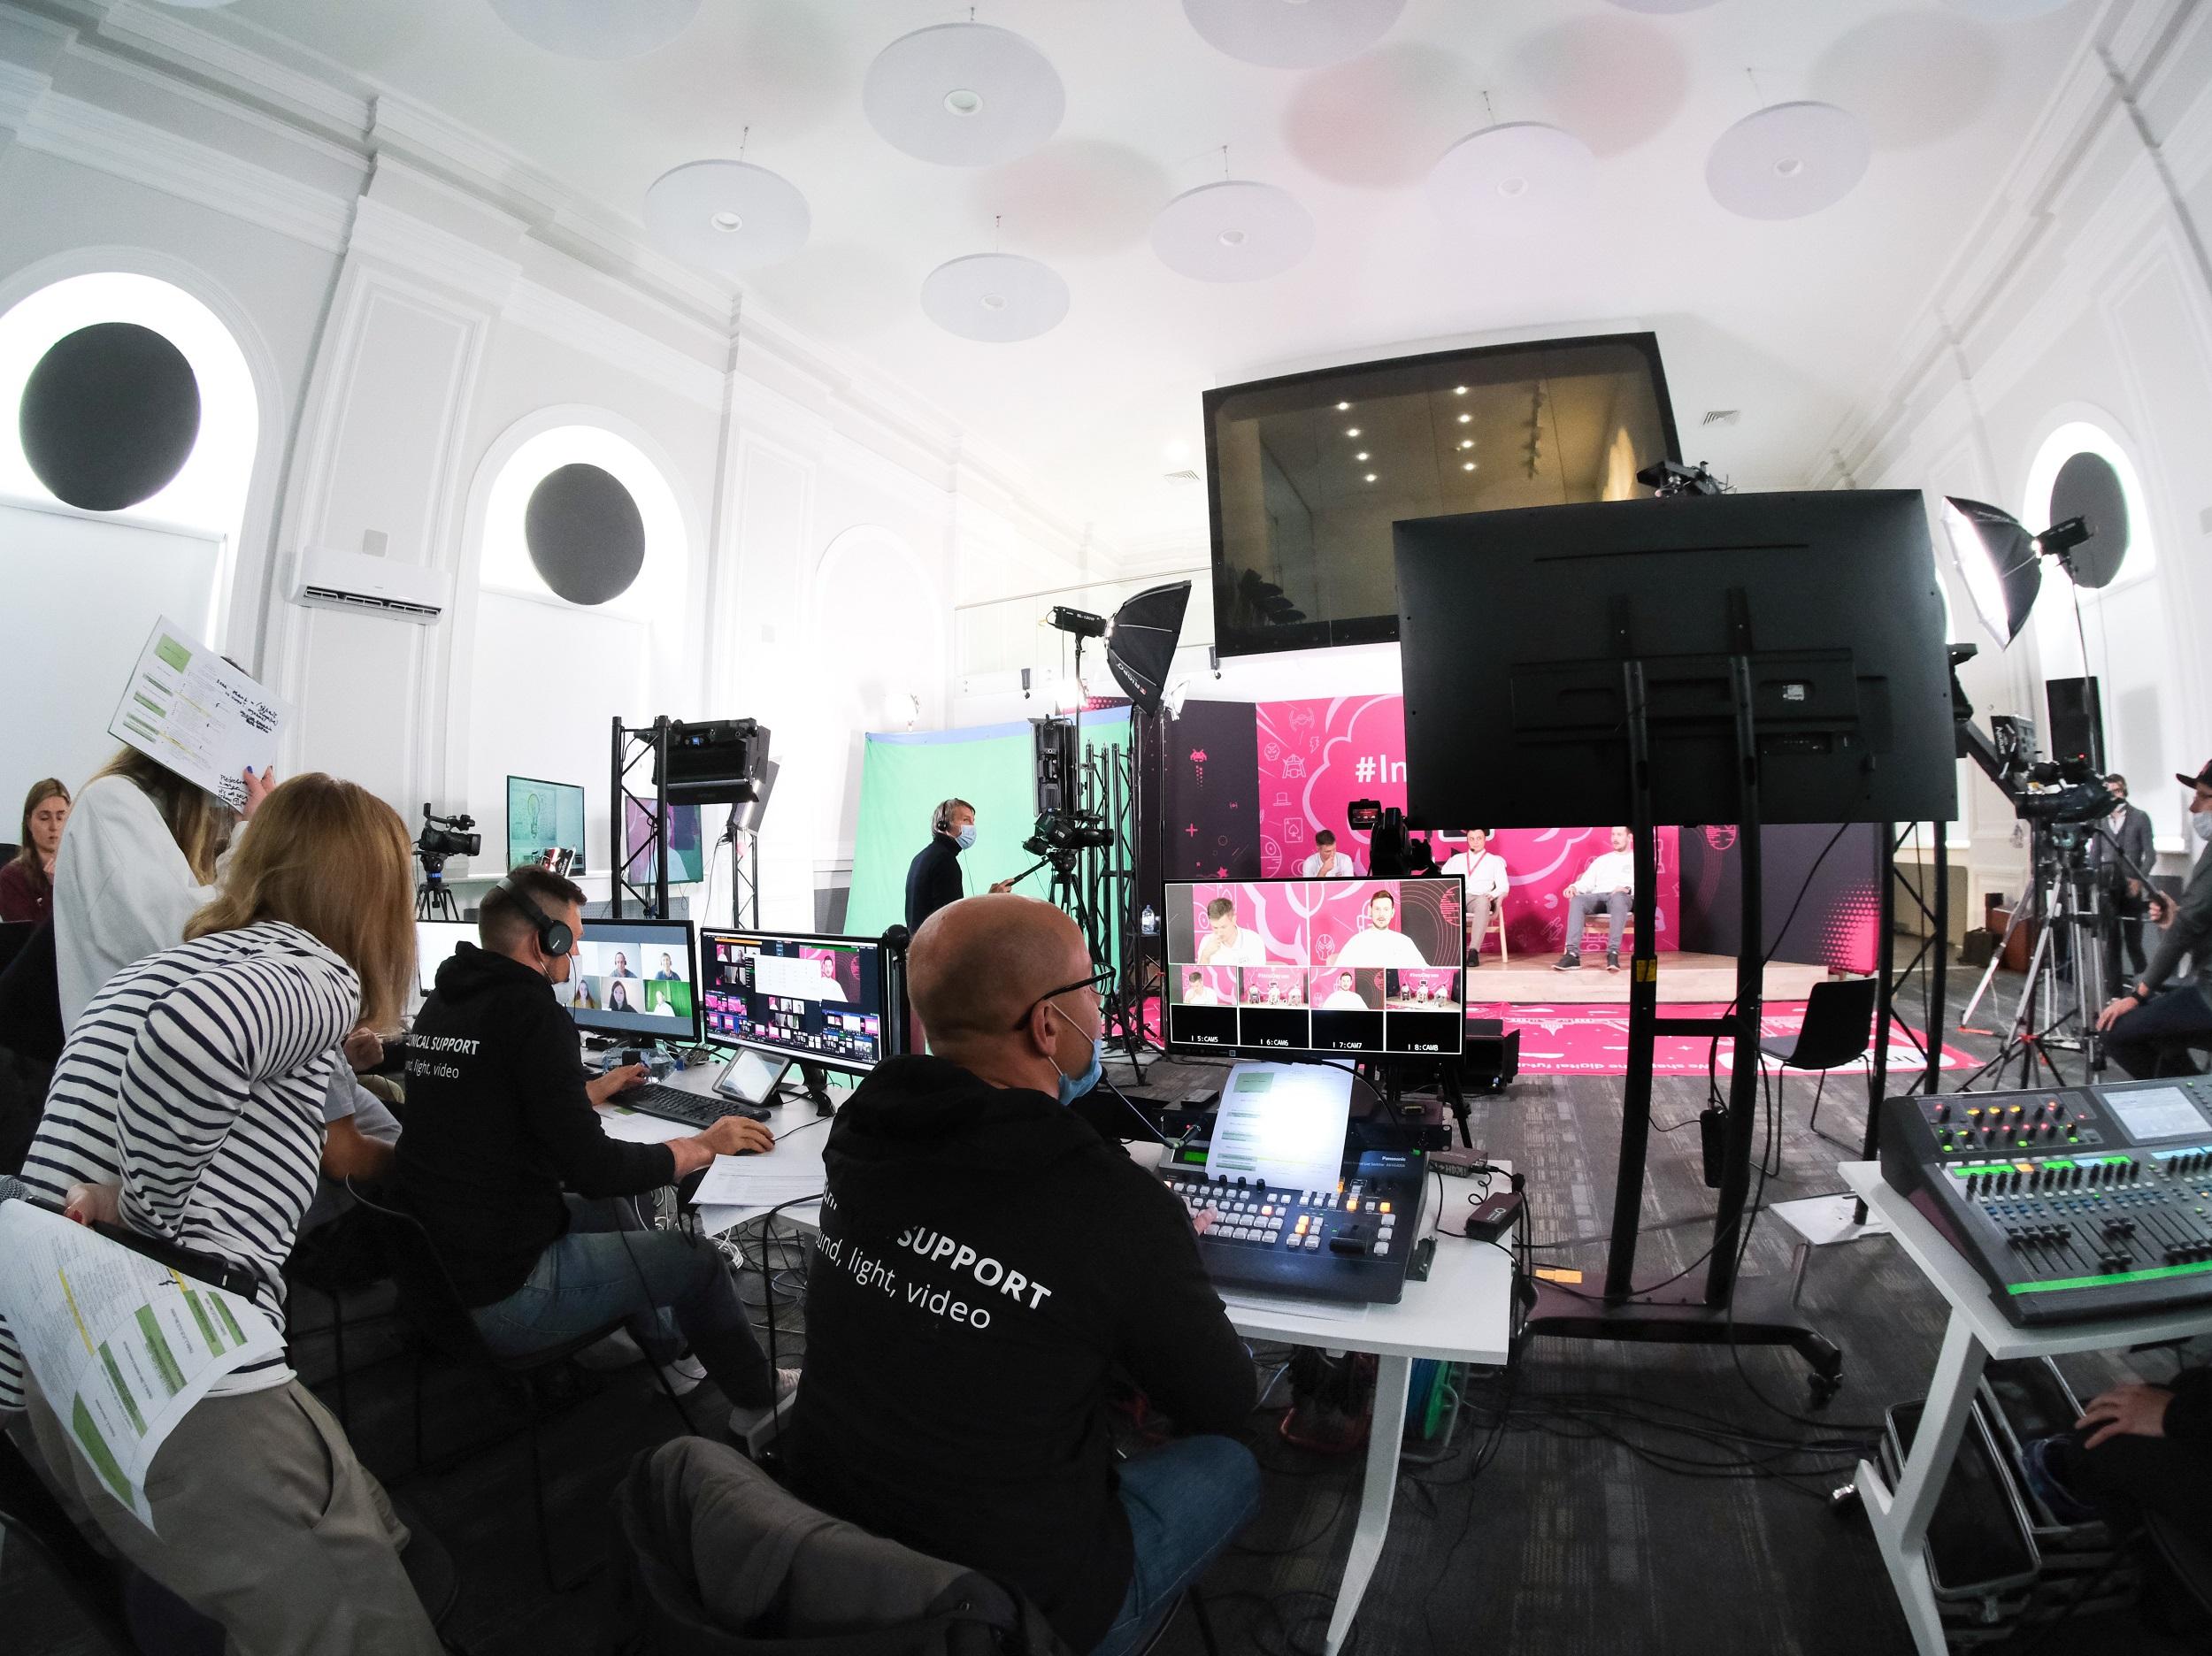 Как мы провели международную онлайн-конференцию для 1000 человек